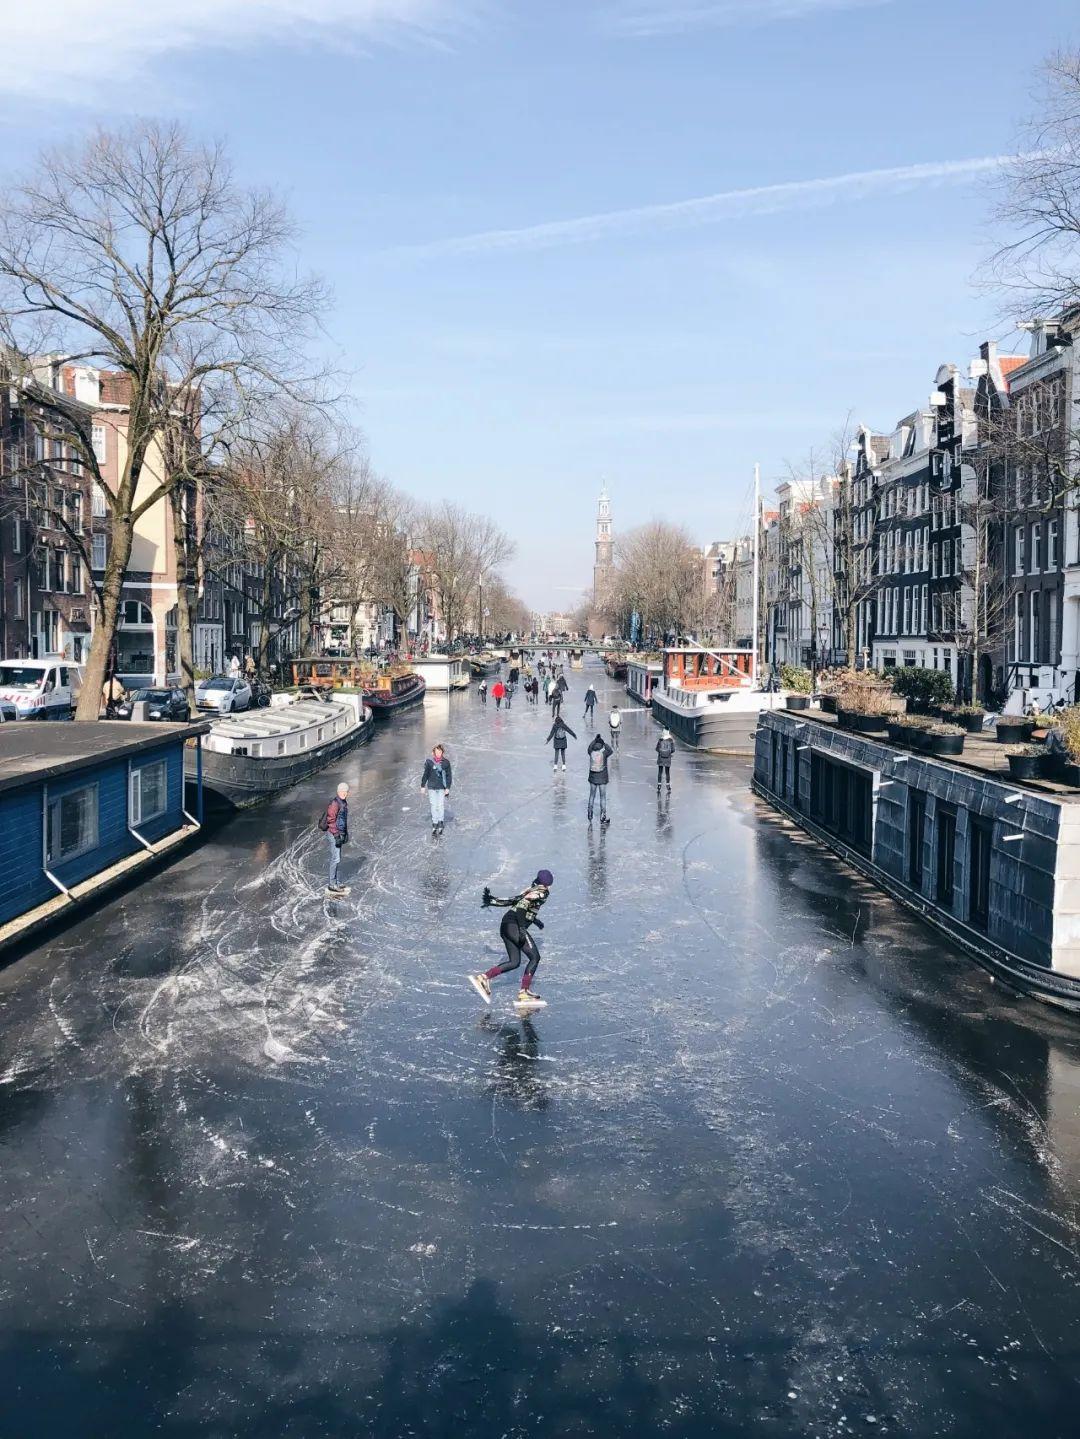 △冬季的运河被冰封了,可以在上面滑冰/unsplash